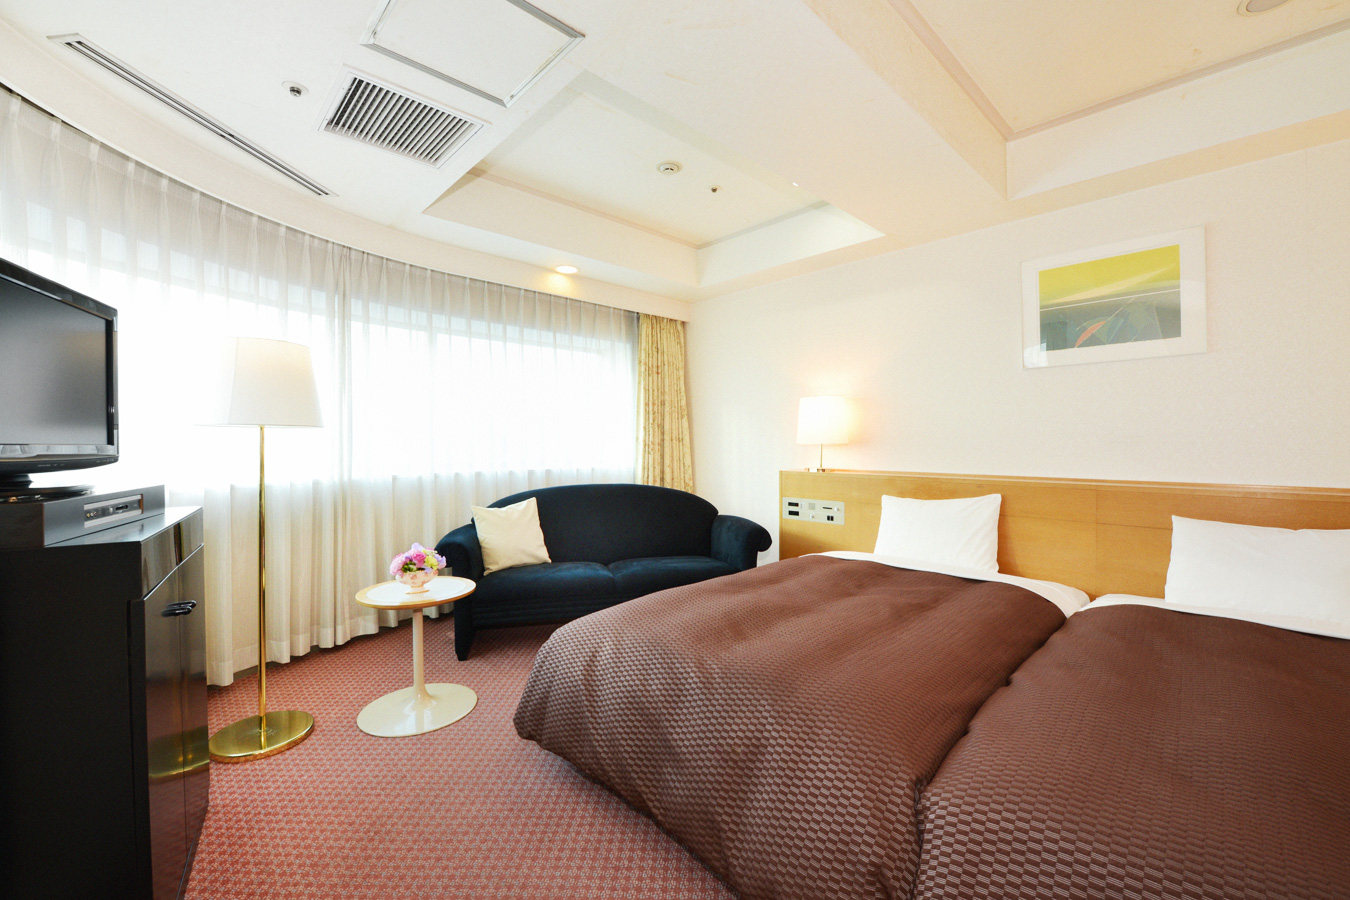 名古屋クレストンホテルの客室 コーナーツイン